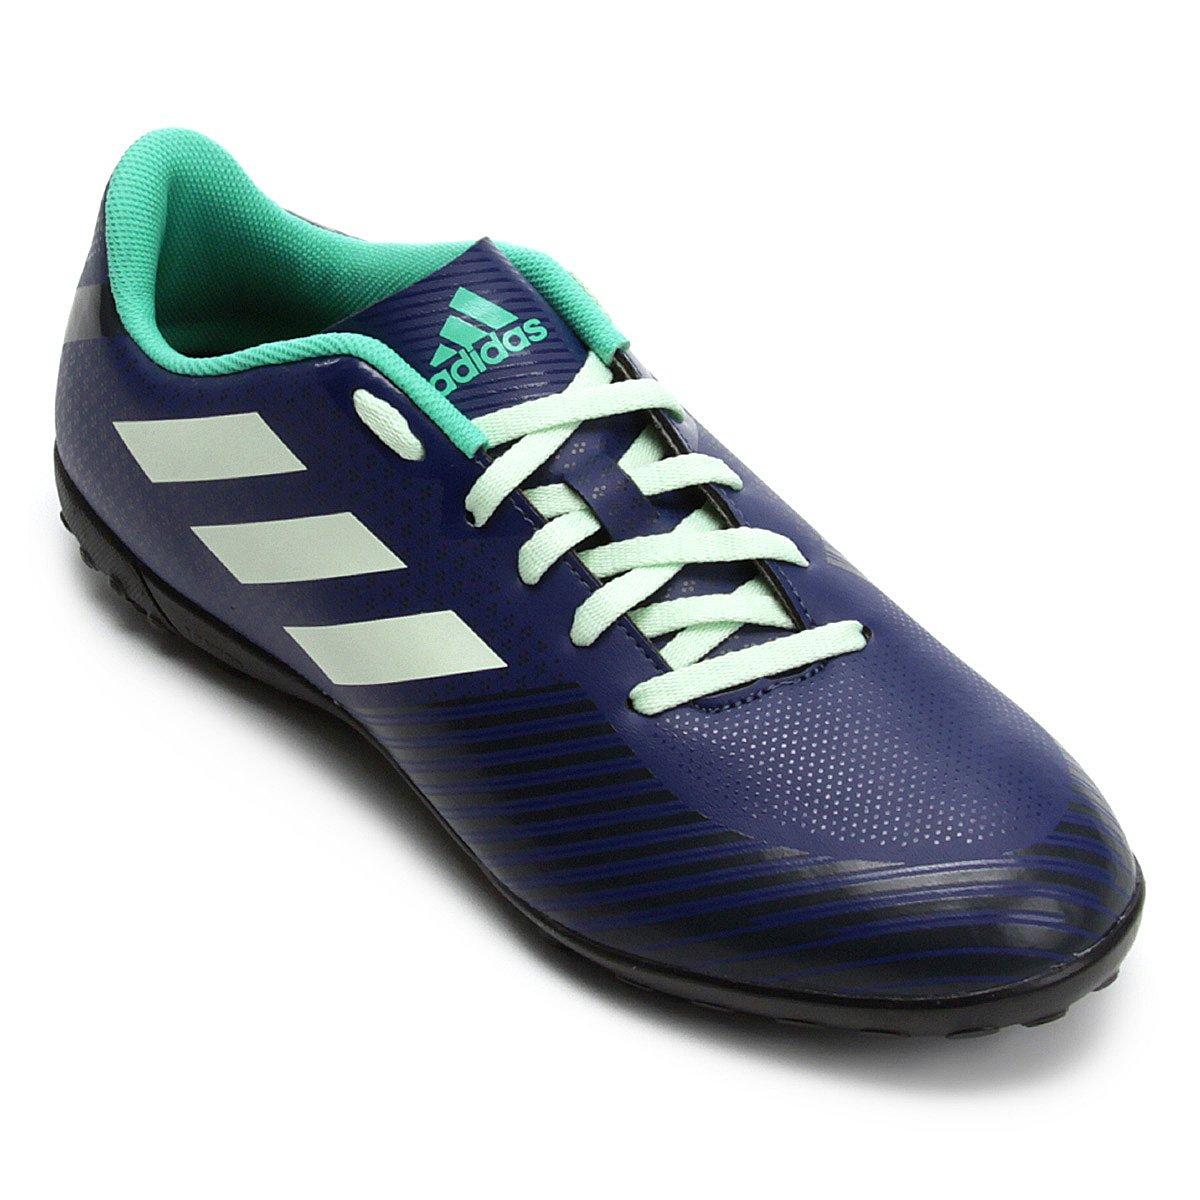 7eafa7f09c16e Chuteira Society Adidas Artilheira 18 TF - Azul e Verde - Compre Agora